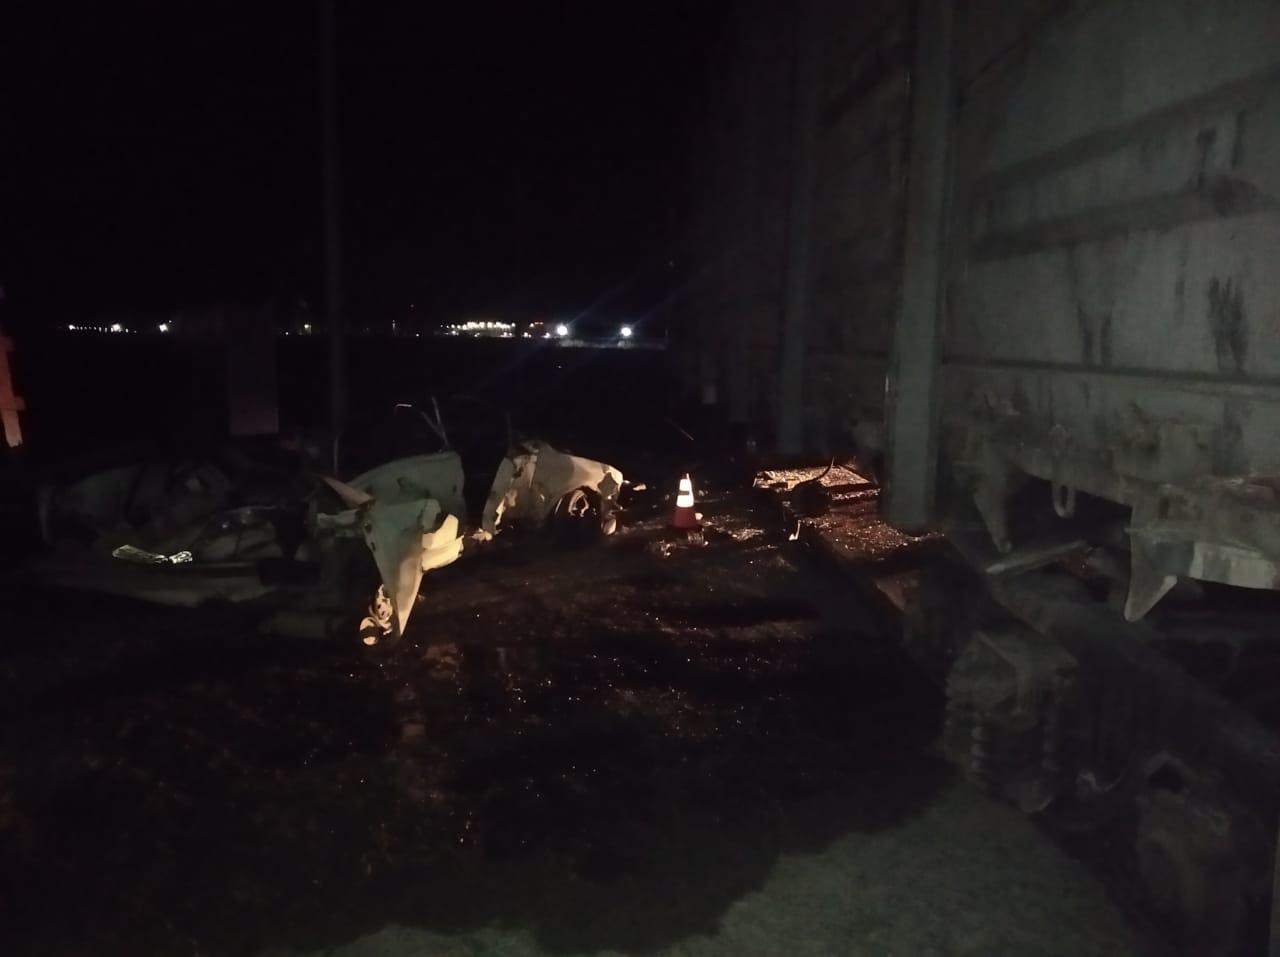 фото Полицейский погиб в ночном ДТП с брошенным вагоном под Новосибирском 2